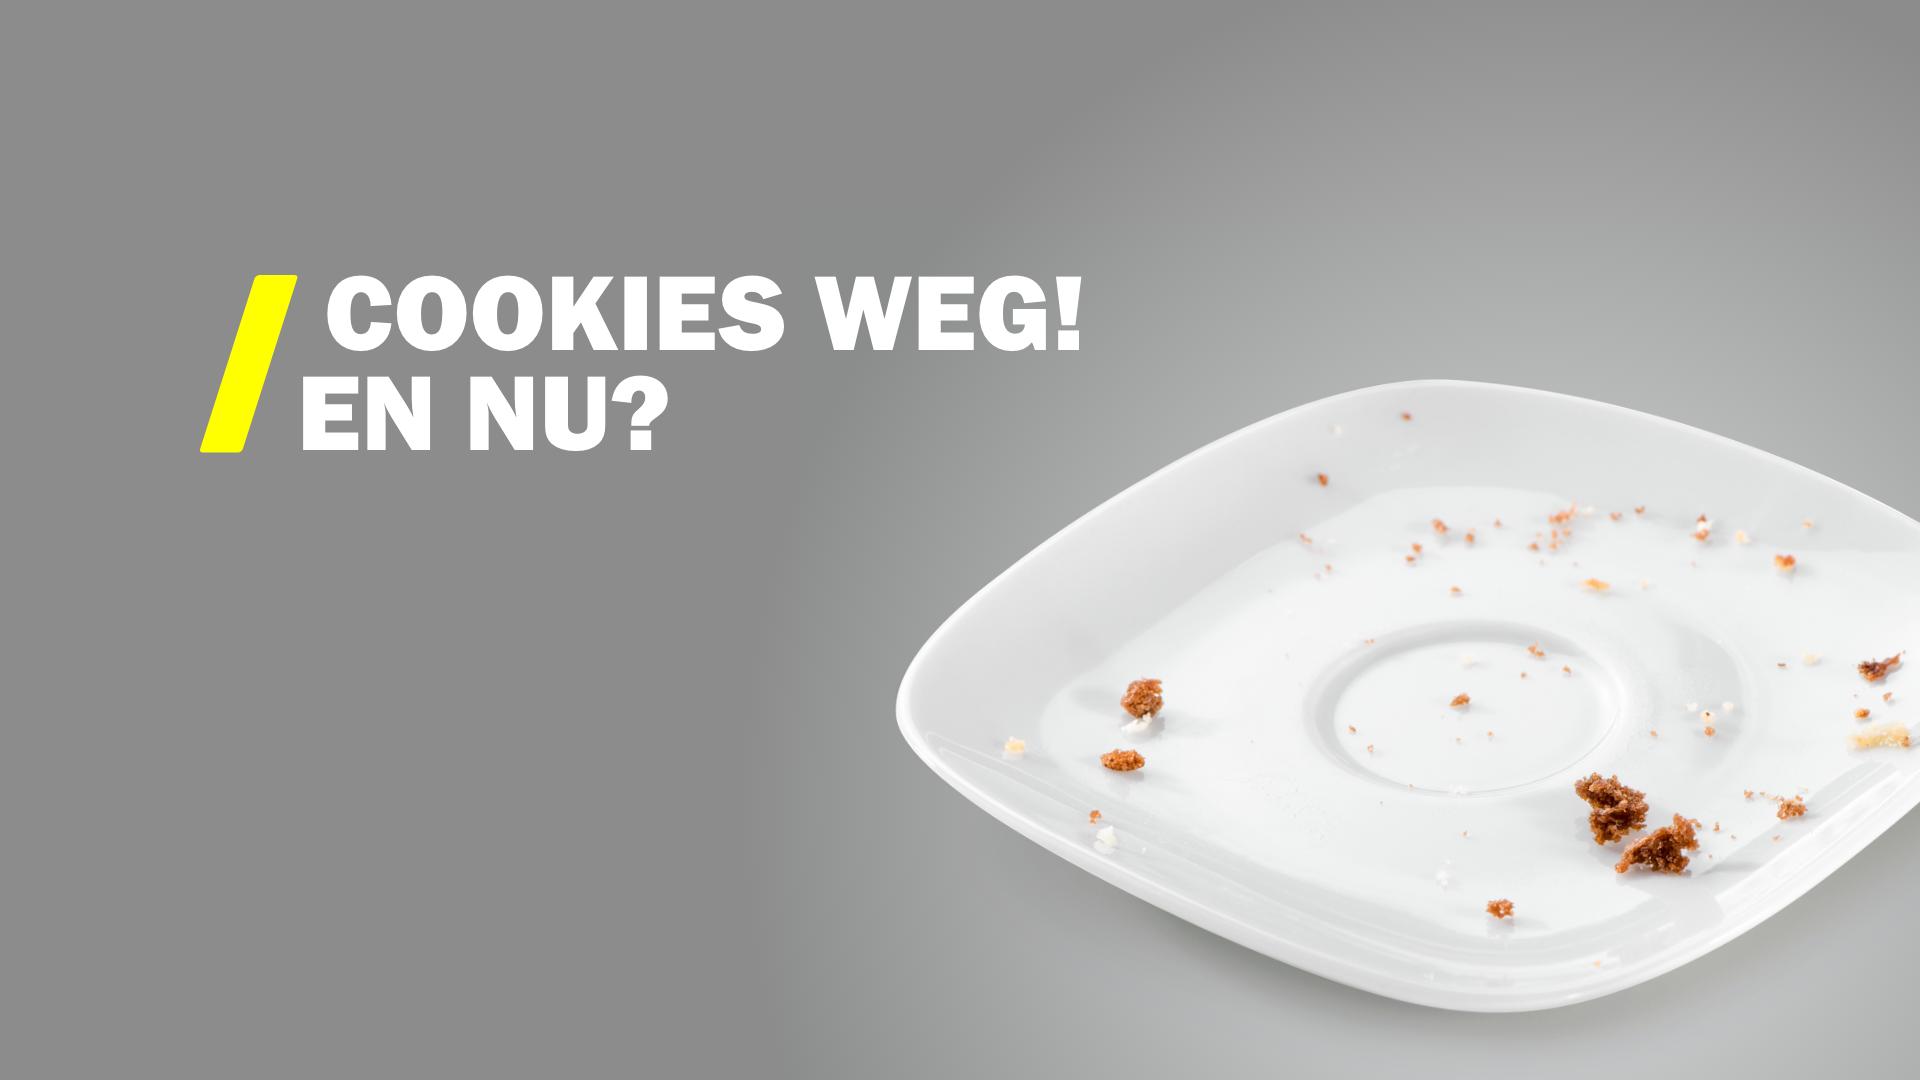 Persoonlijke advertenties binnen een internet zonder cookies